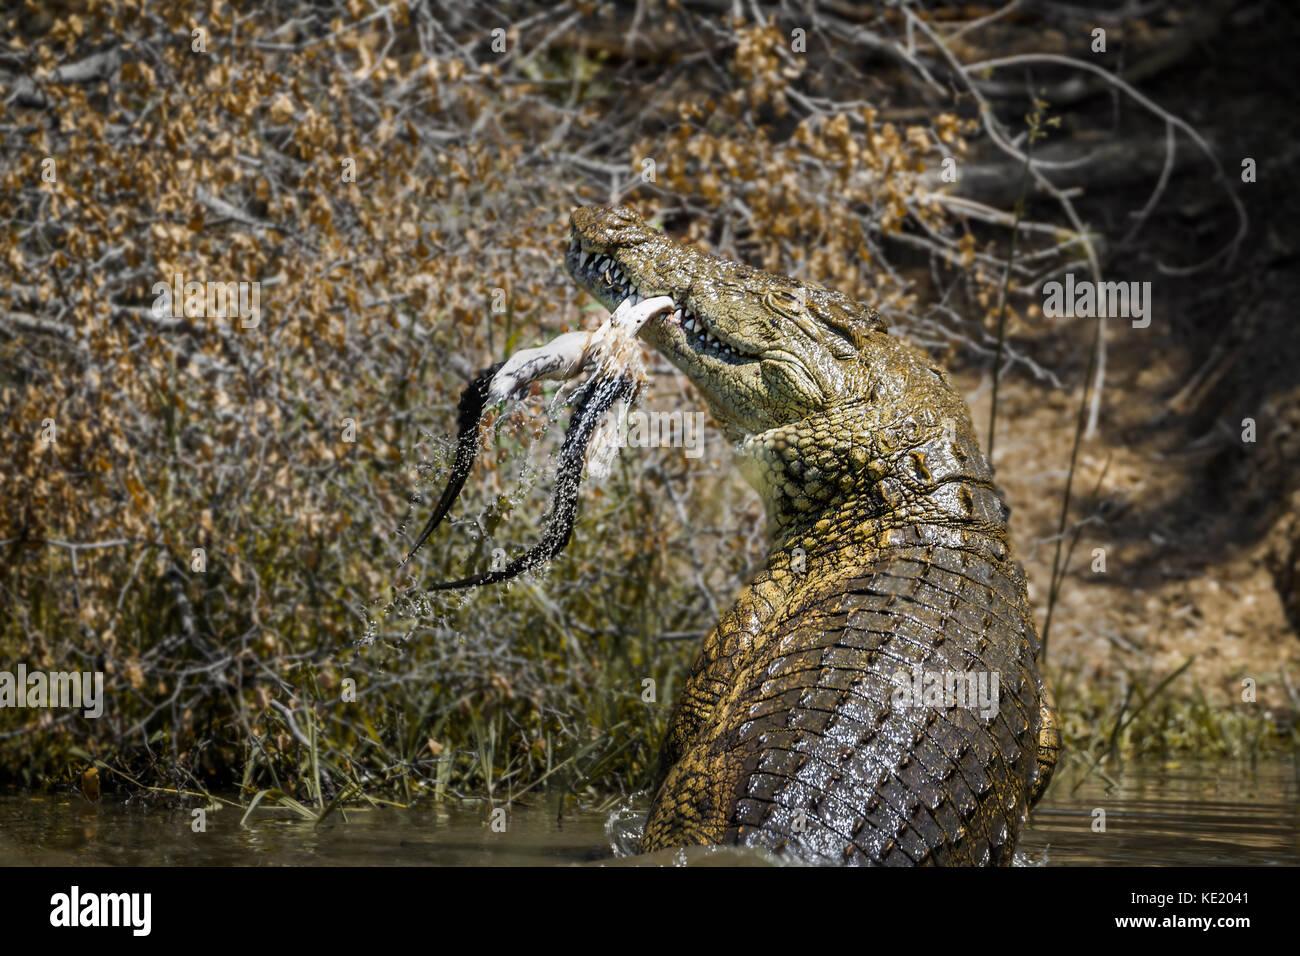 Crocodile du Nil dans le parc national Kruger, Afrique du Sud; espèce Crocodylus niloticus famille des Crocodylidae Banque D'Images